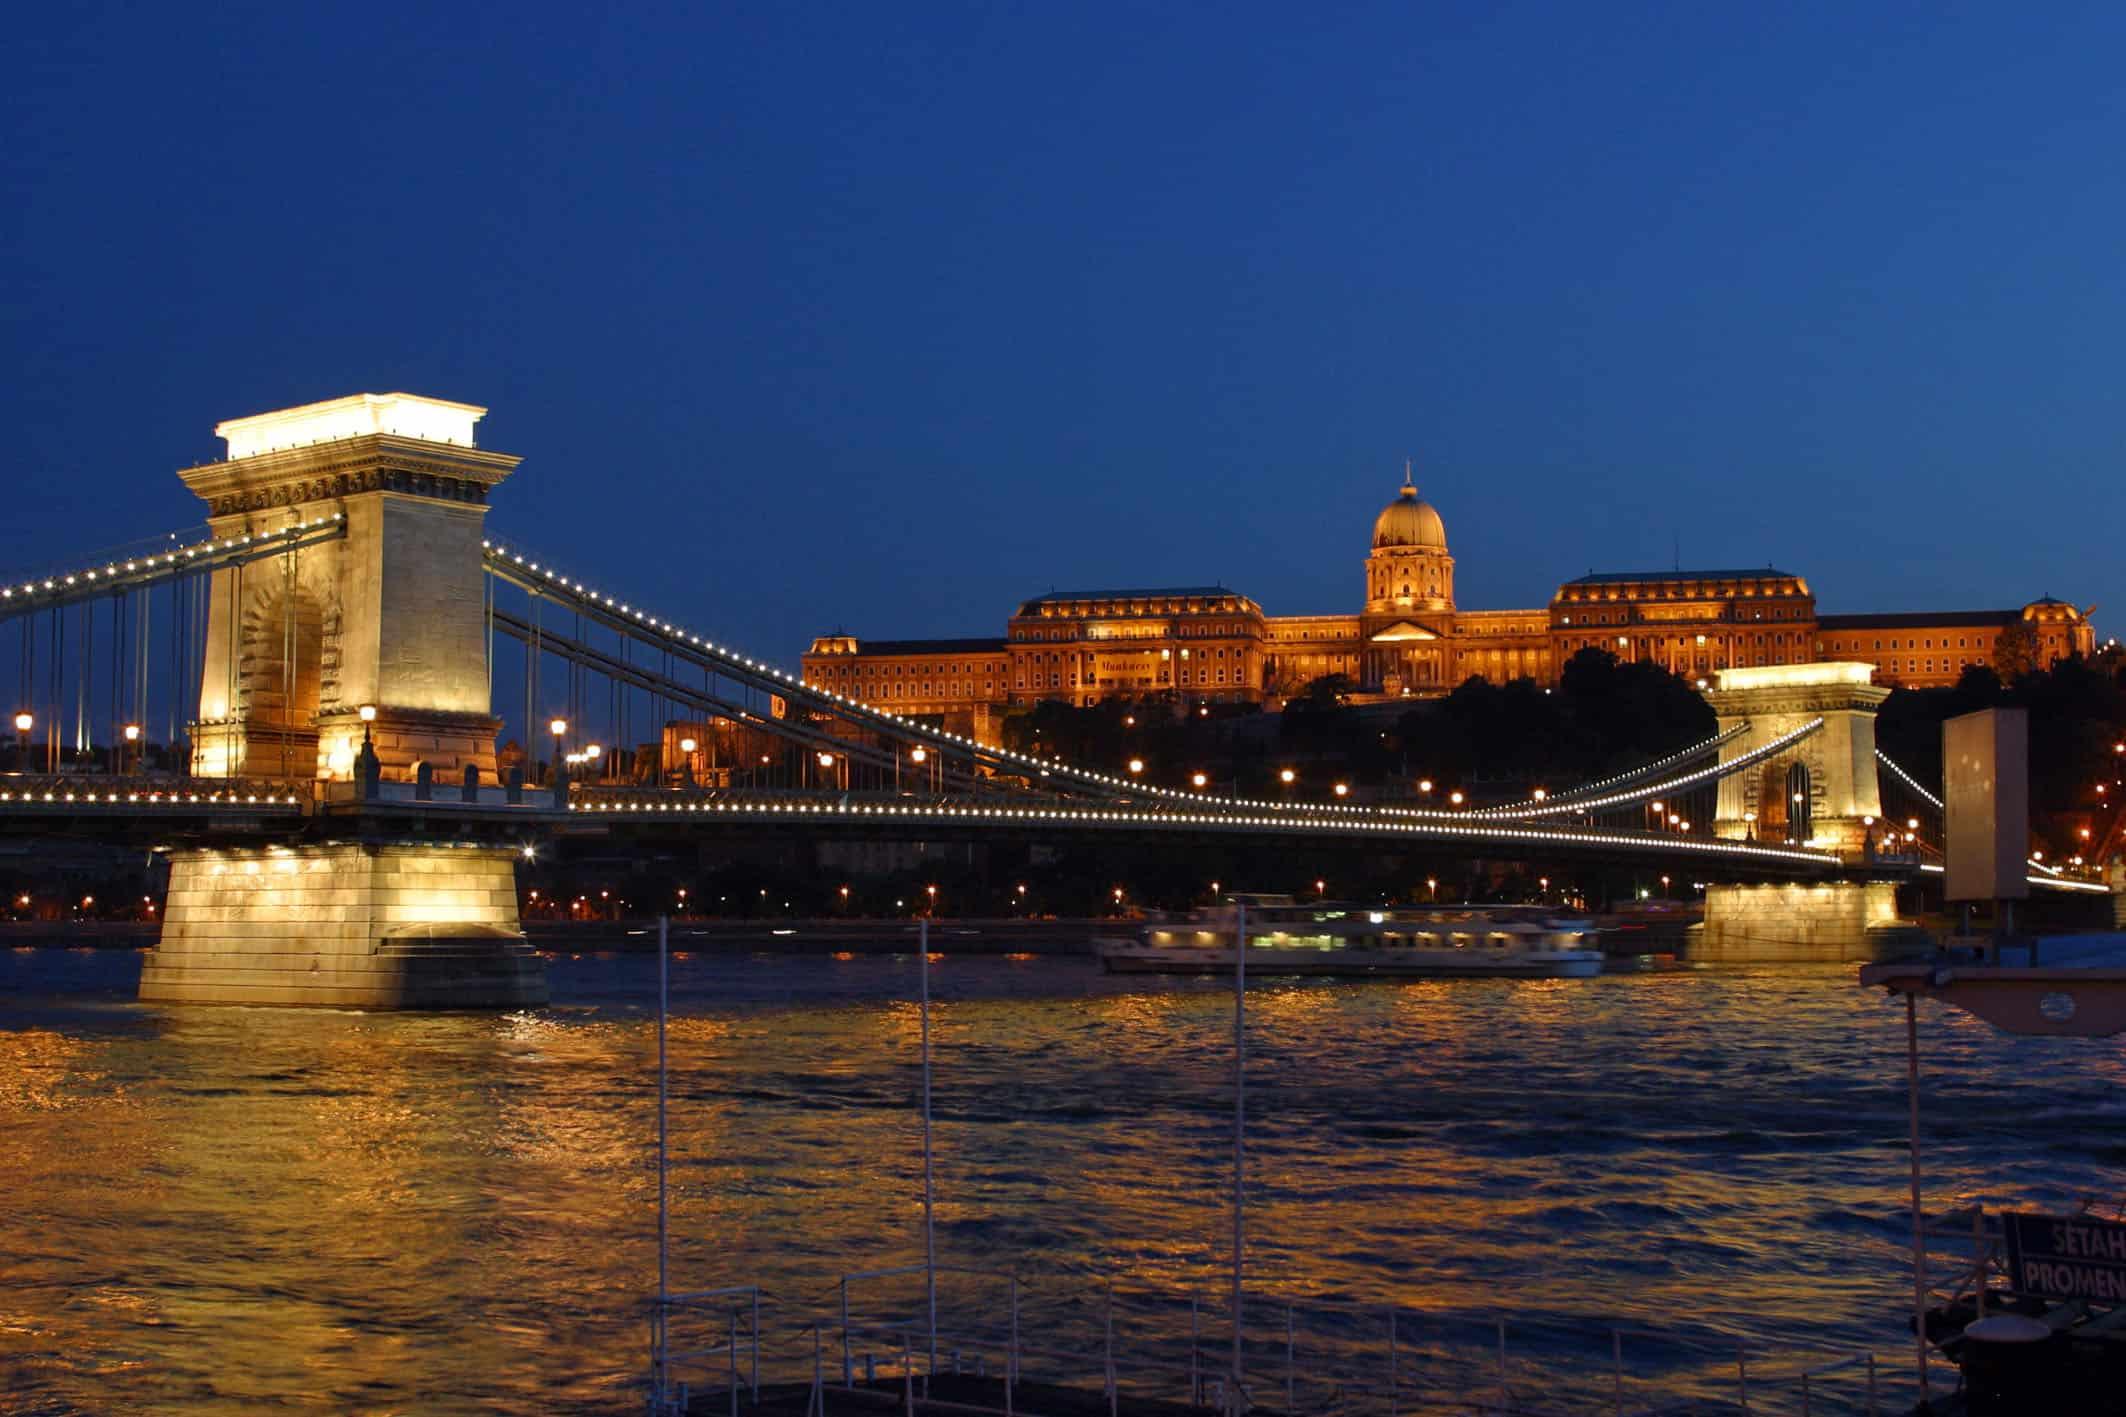 Blizz präsentiert die Regensburger Partnerstädte. Heute: Budavár